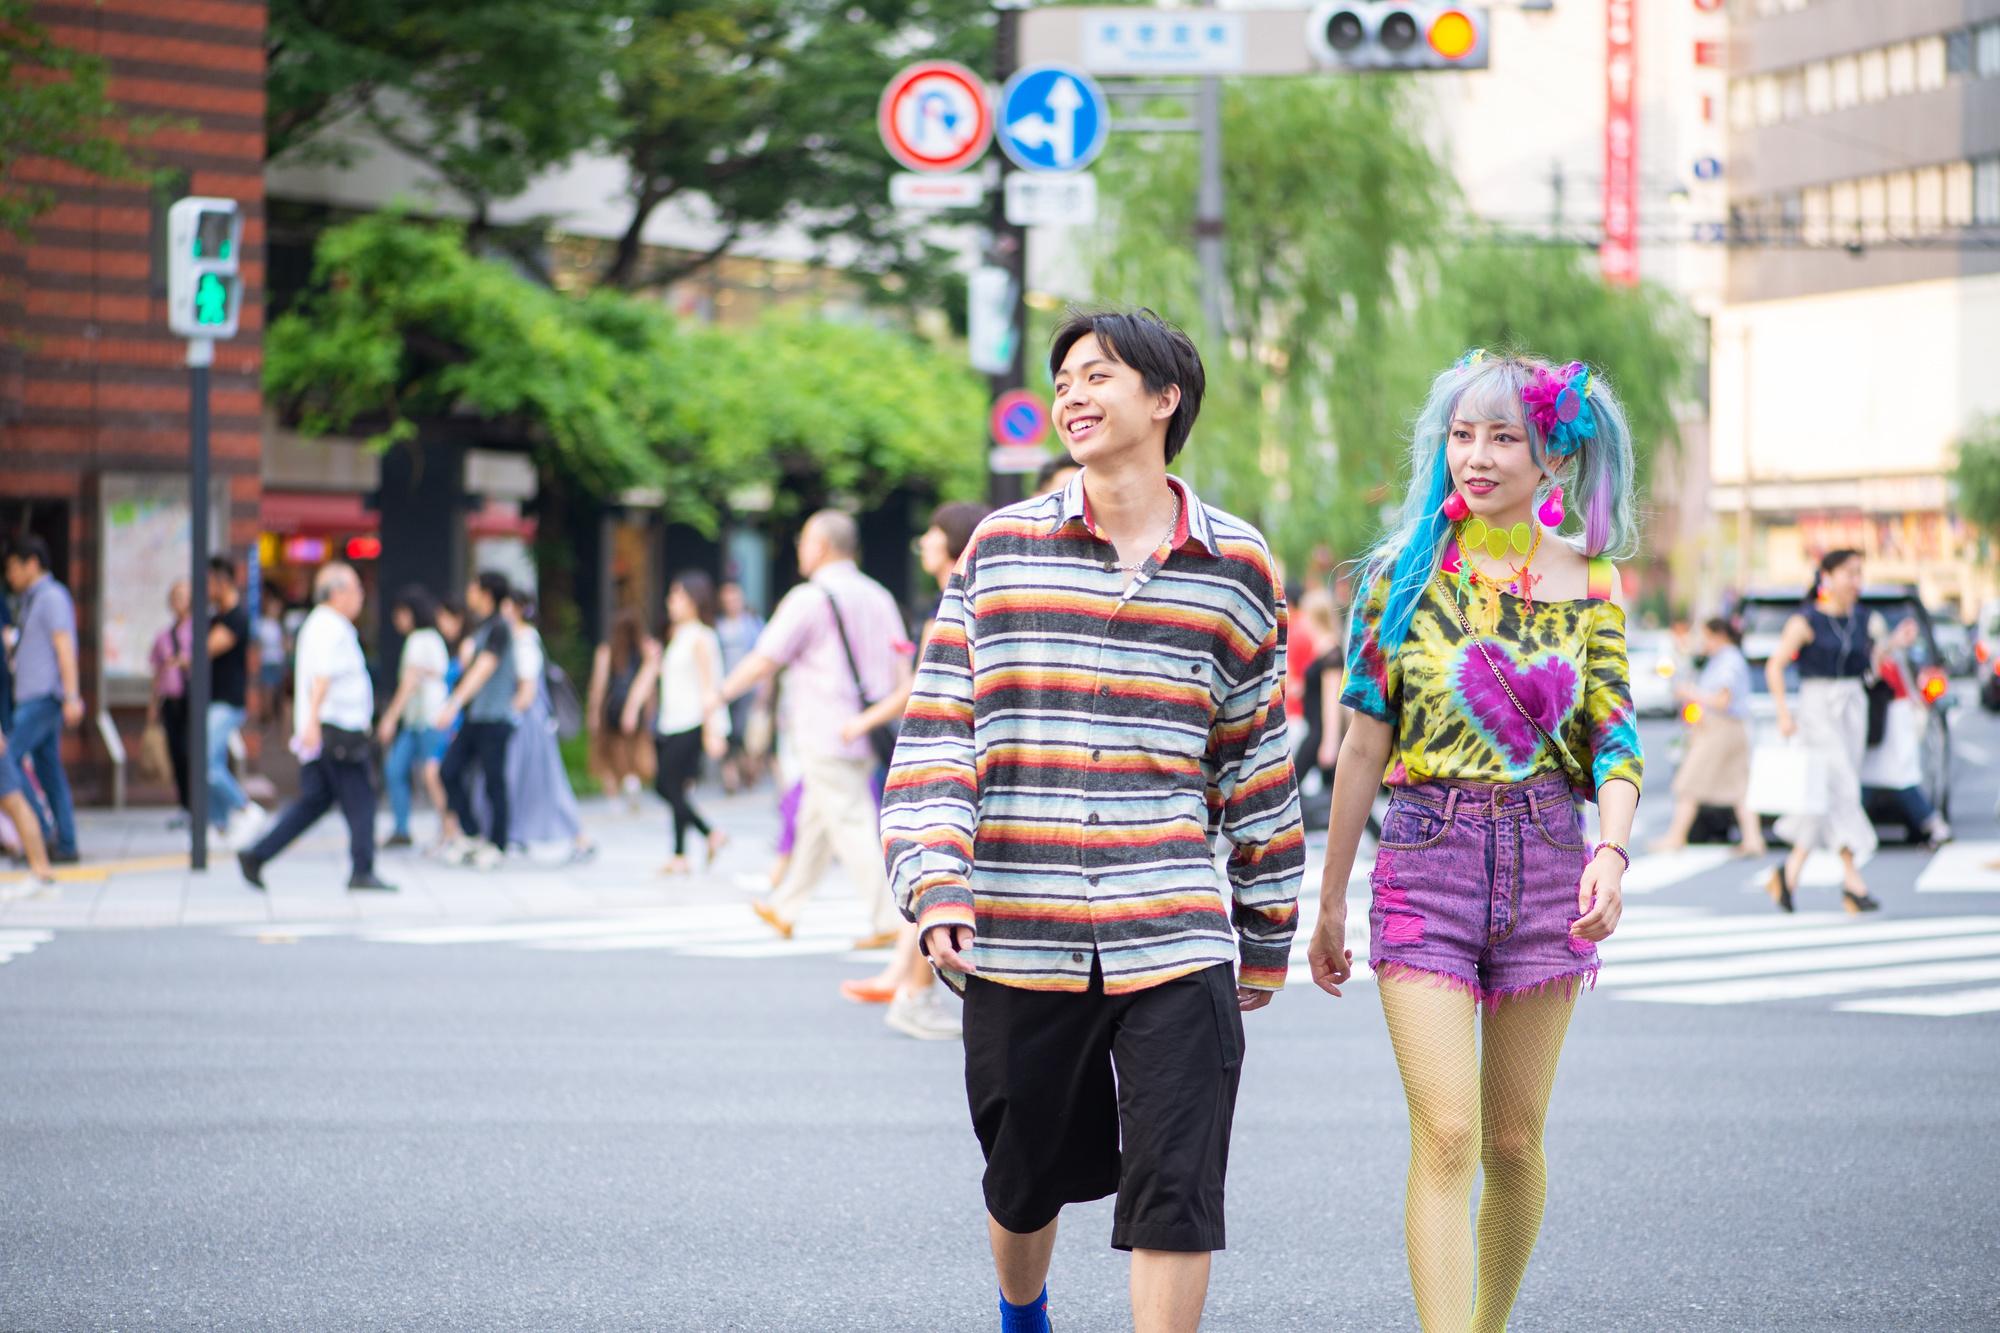 Dit kleurrijke koppel zou bij ons op straat nogal wat aandacht trekken. In Japan zijn dit soort outfits de normaalste zaak van de wereld., Getty Images